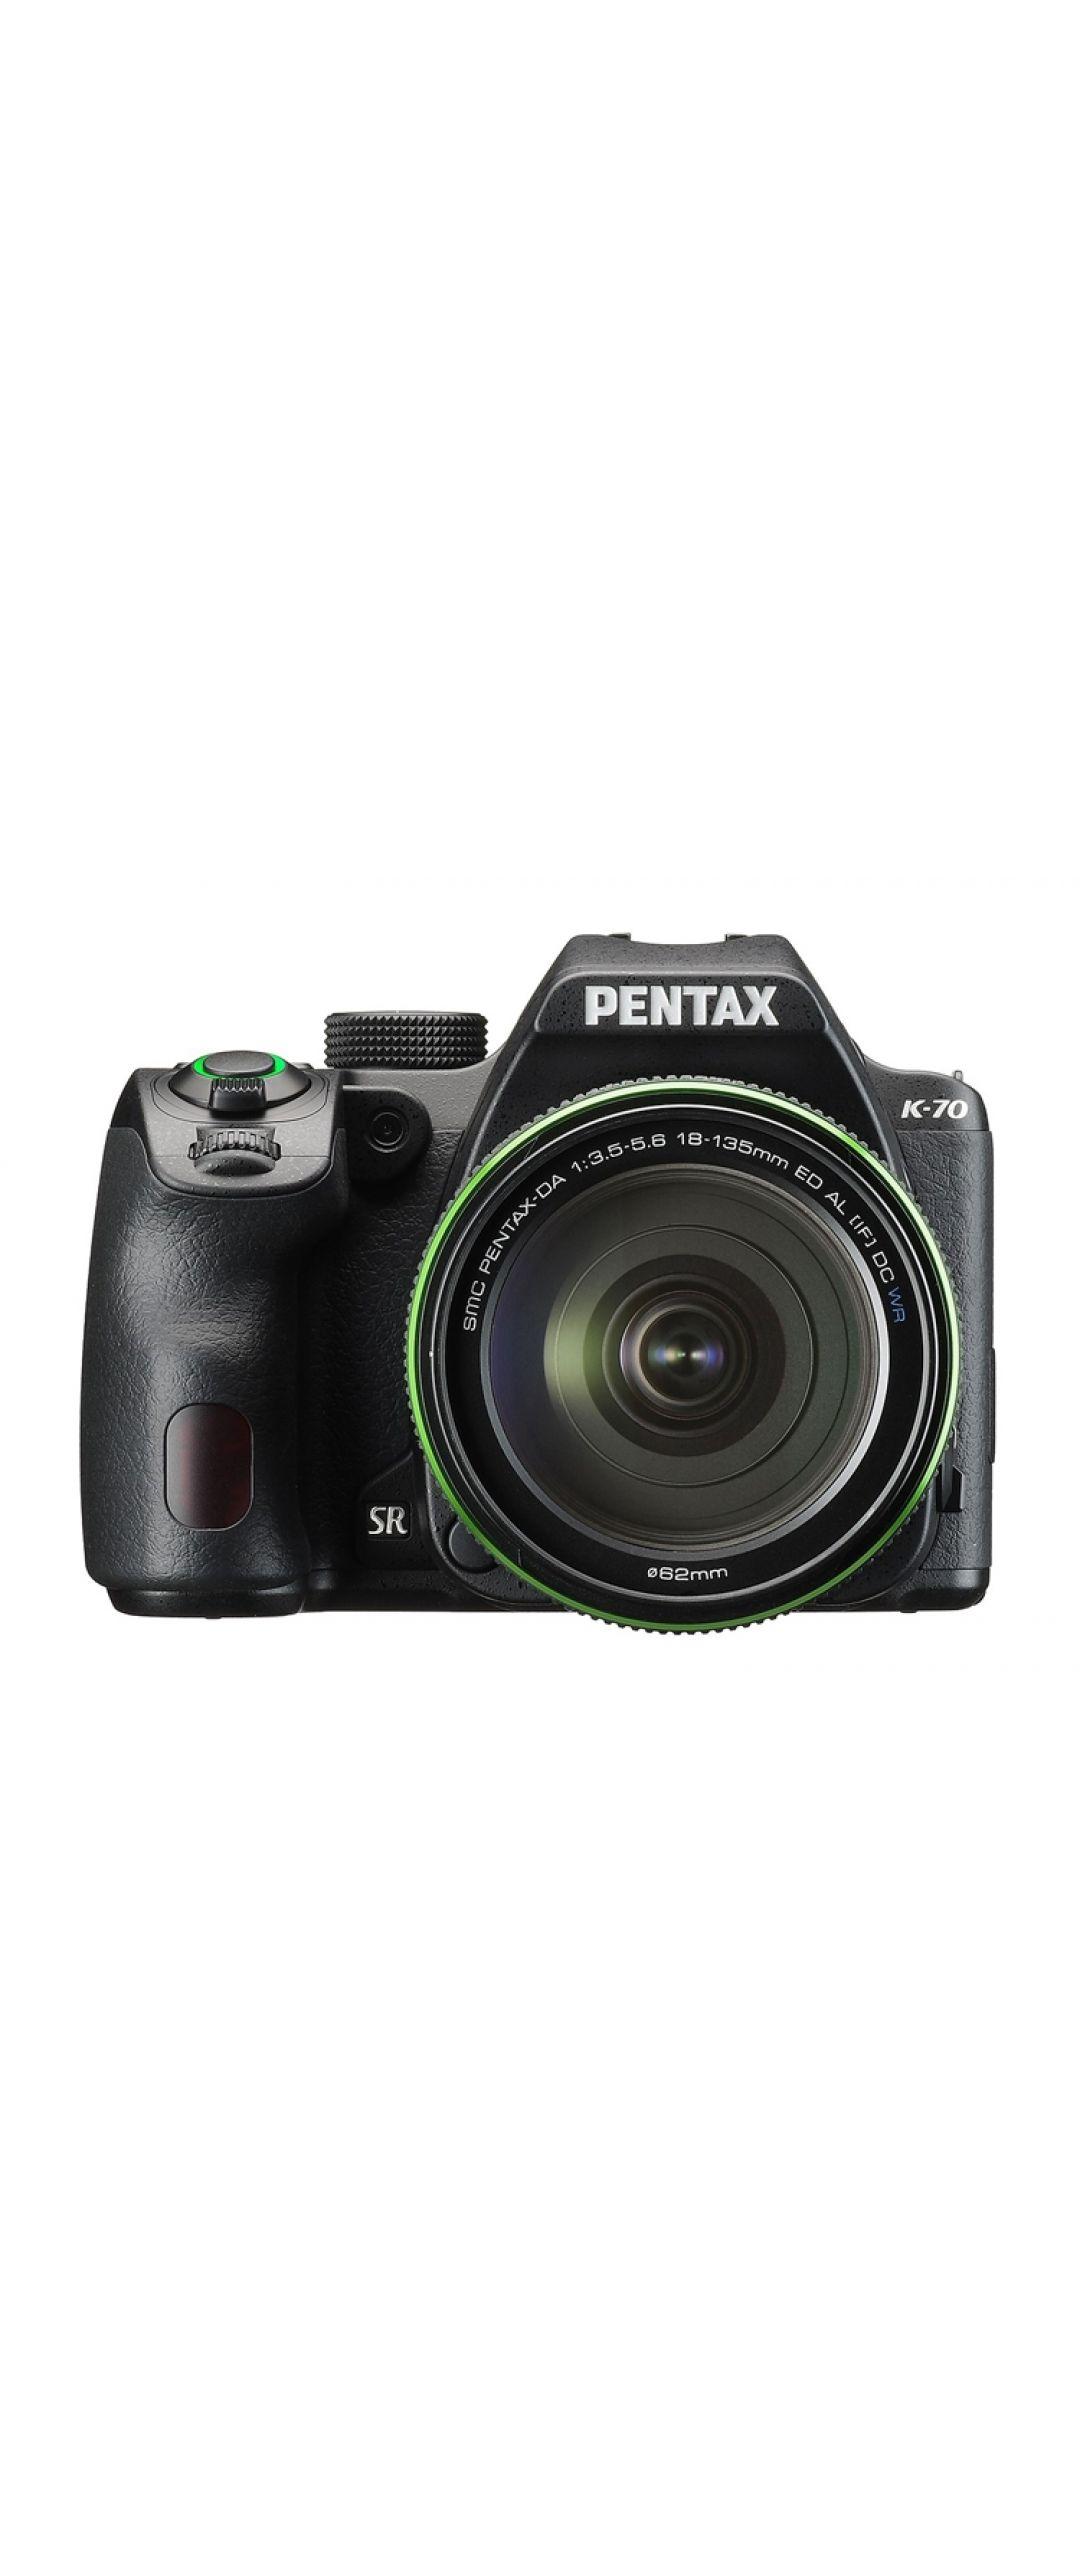 La Pentax K-70 es una DSLR todo terreno y con Wi-Fi integrado